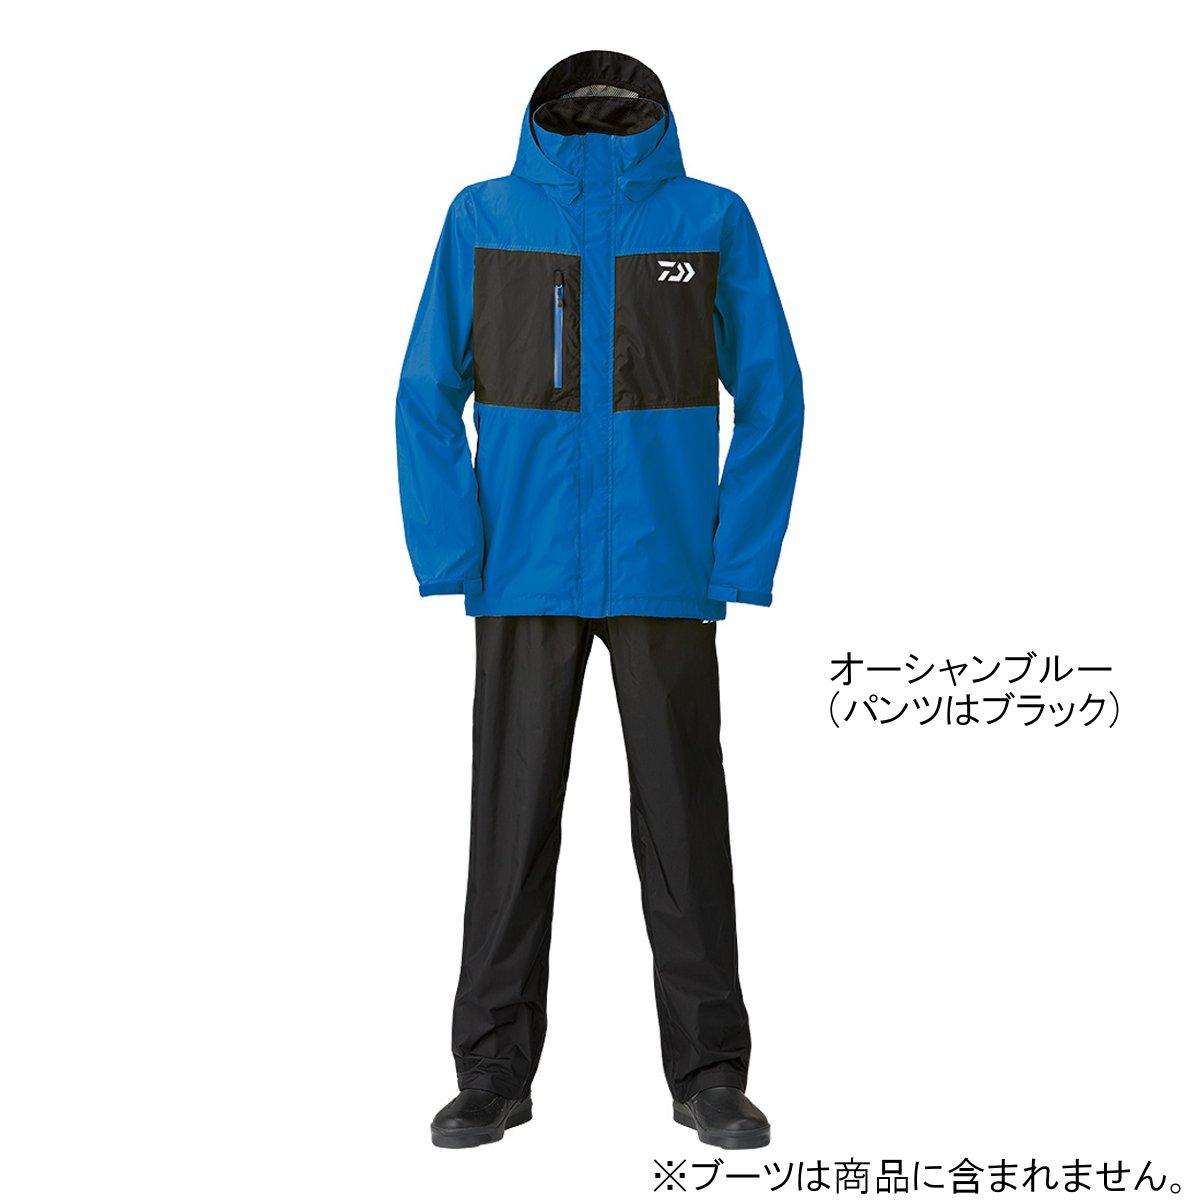 ダイワ レインマックス レインスーツ DR-36008 L オーシャンブルー(東日本店)